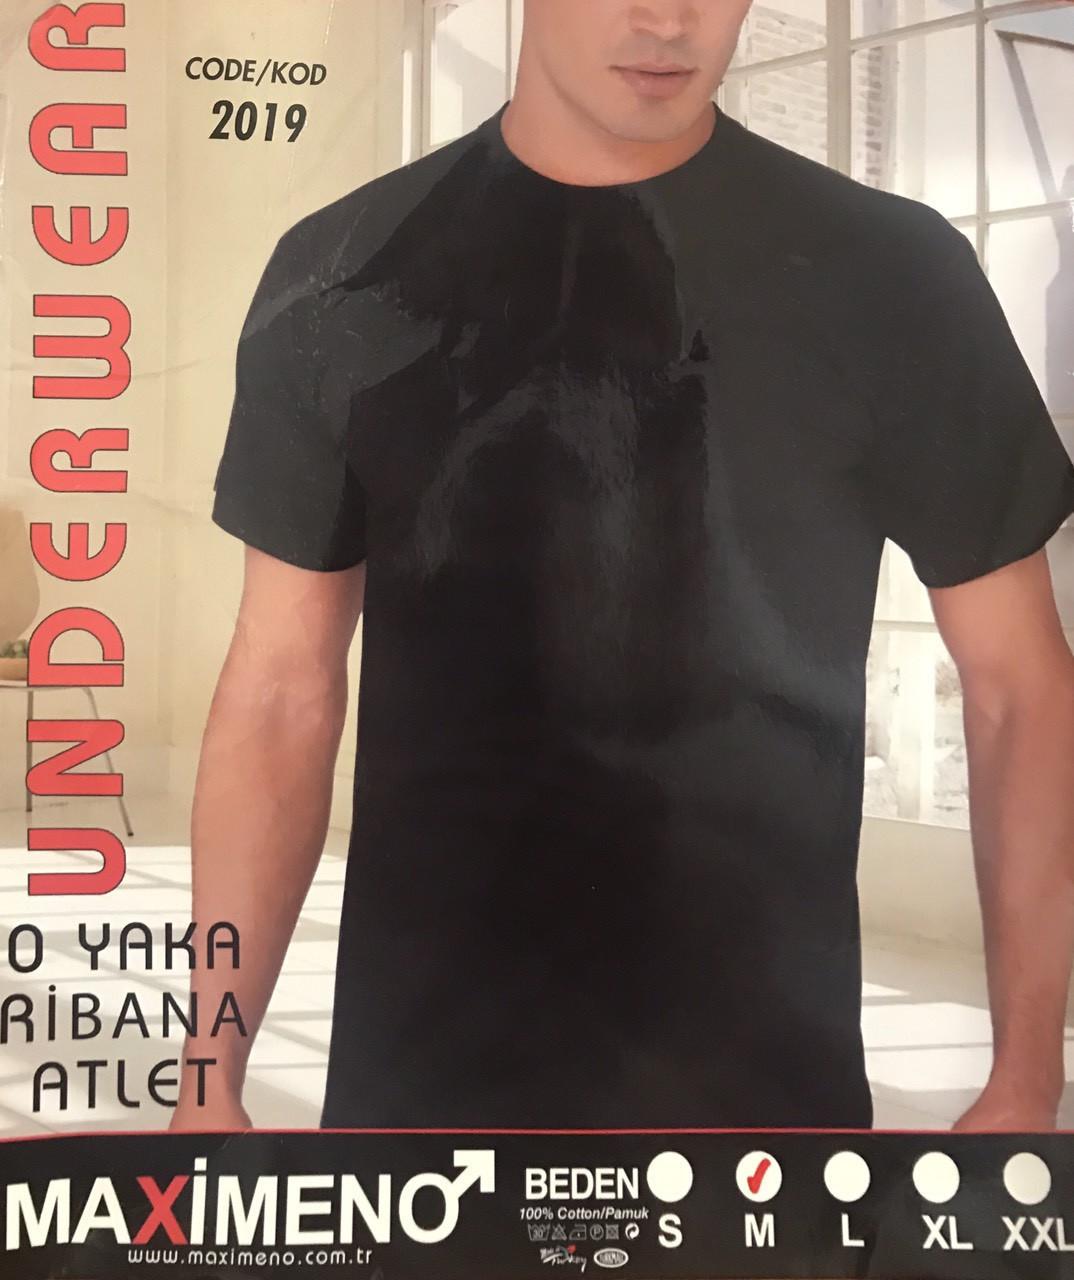 Мужская футболка хлопок - 100% MAXIMENO Турция размер XL (50-52) чёрная